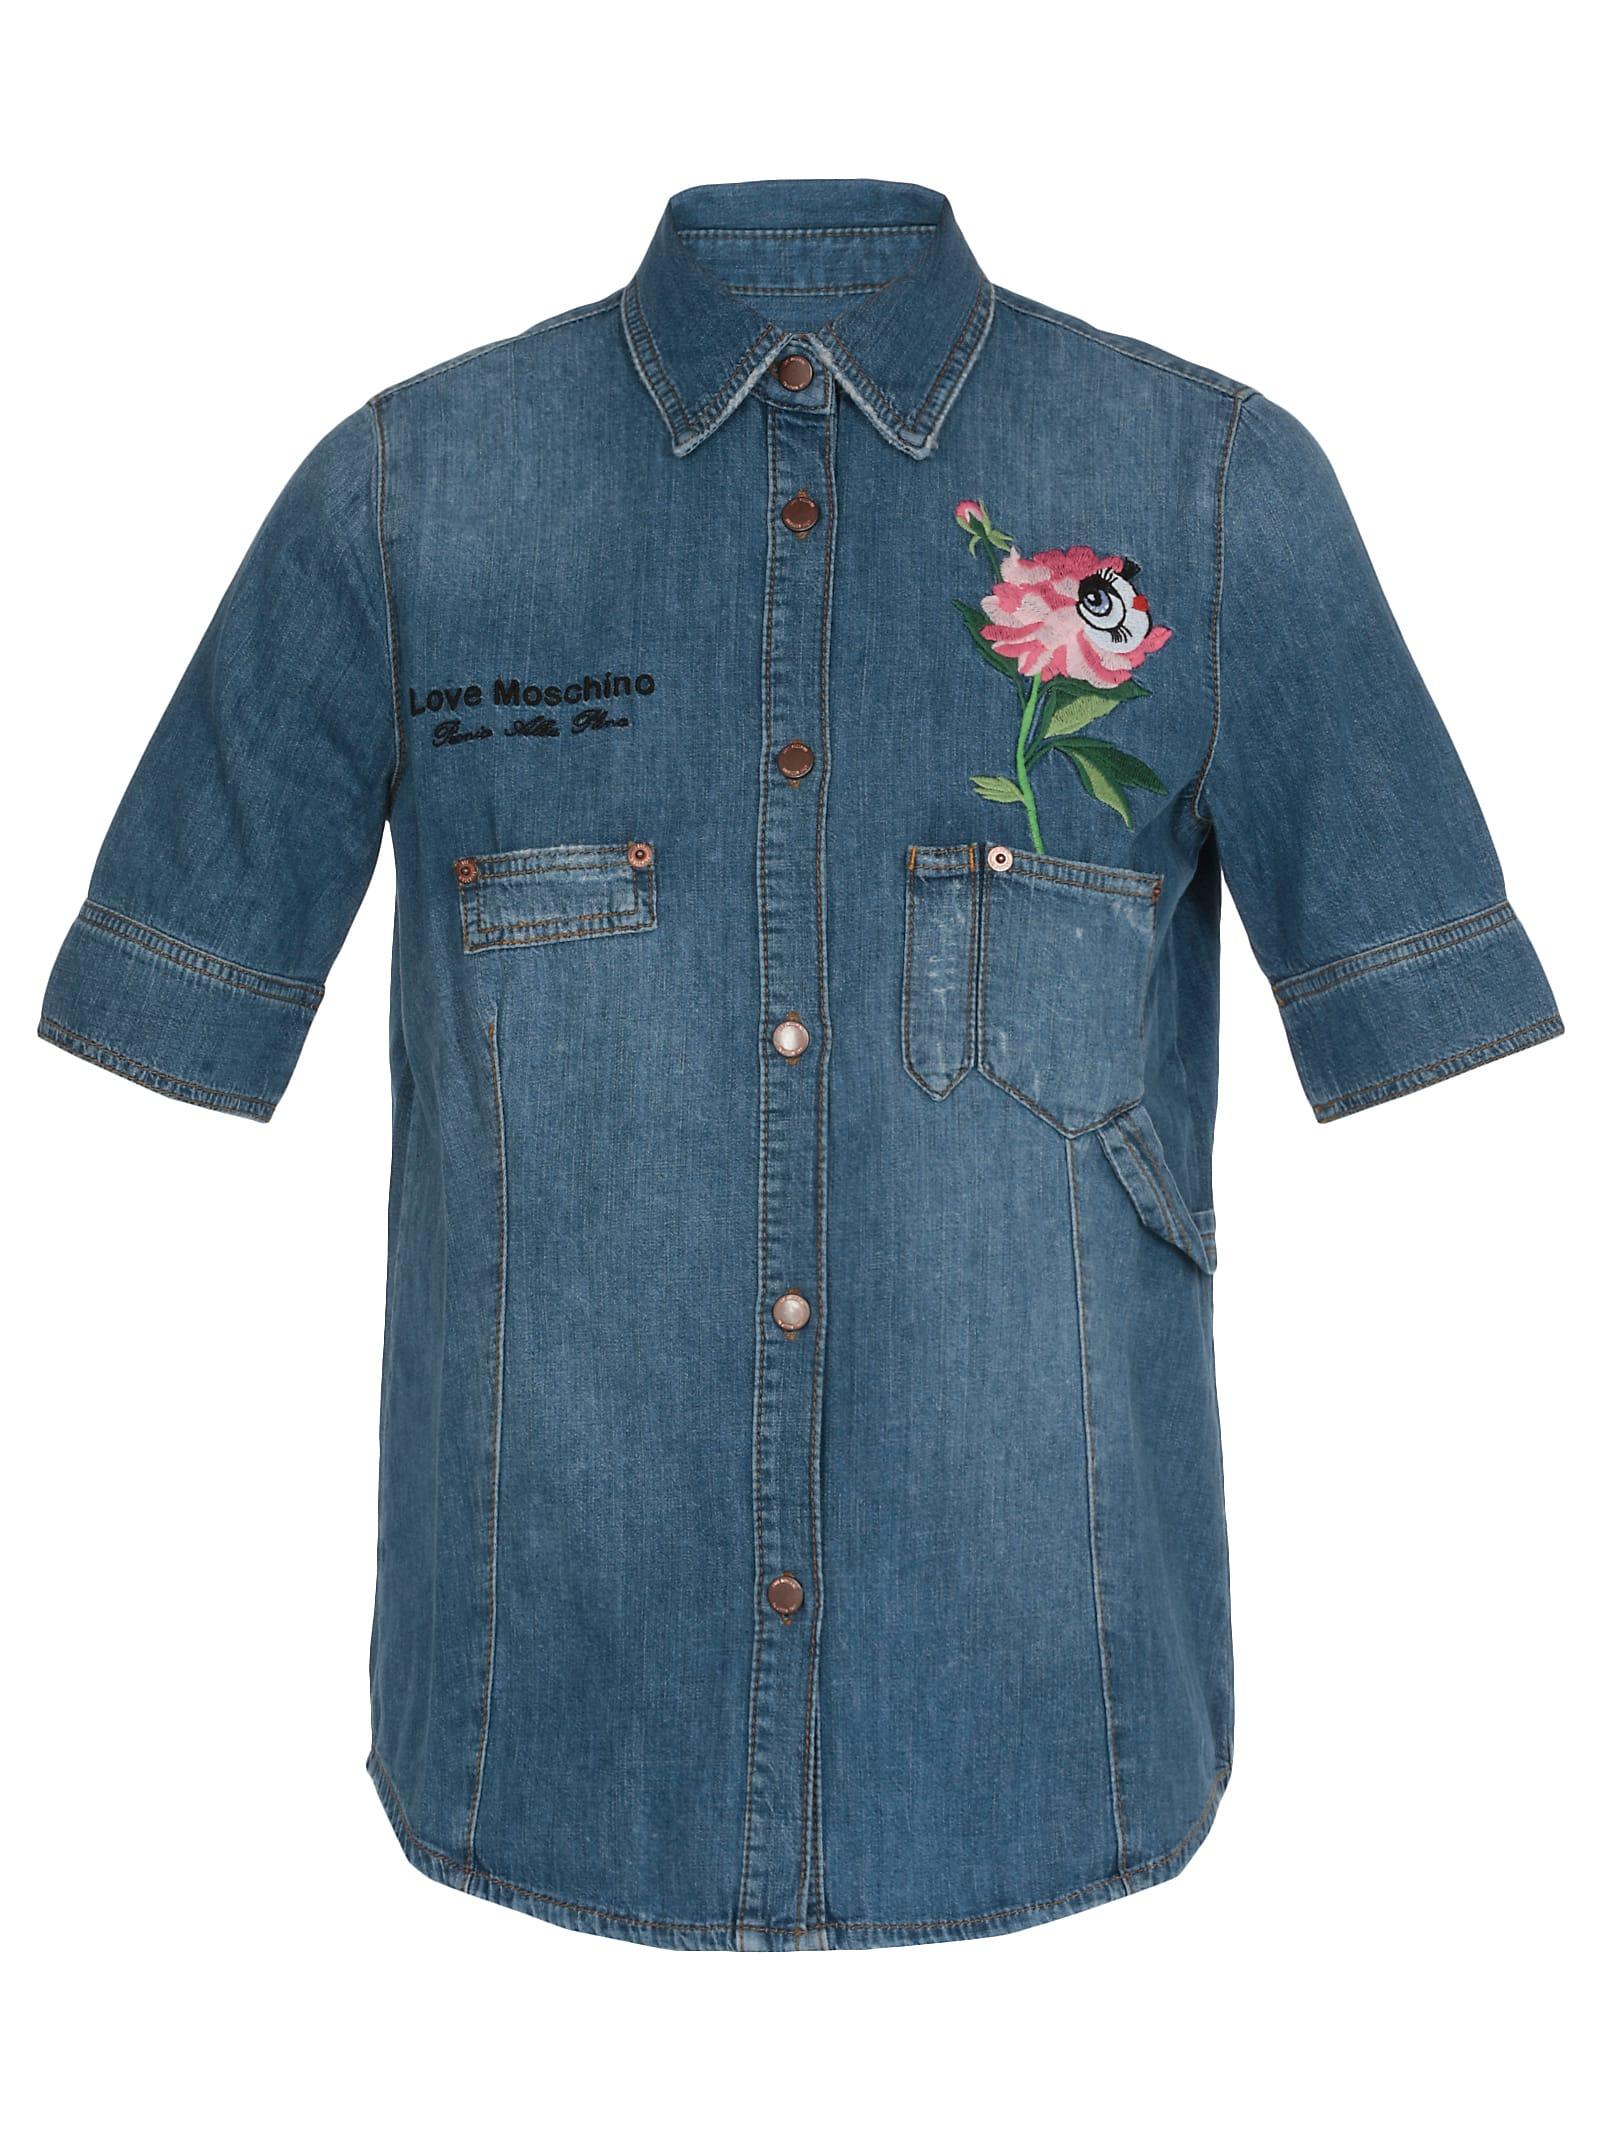 6d42934b60 Love Moschino Jeans Shirt